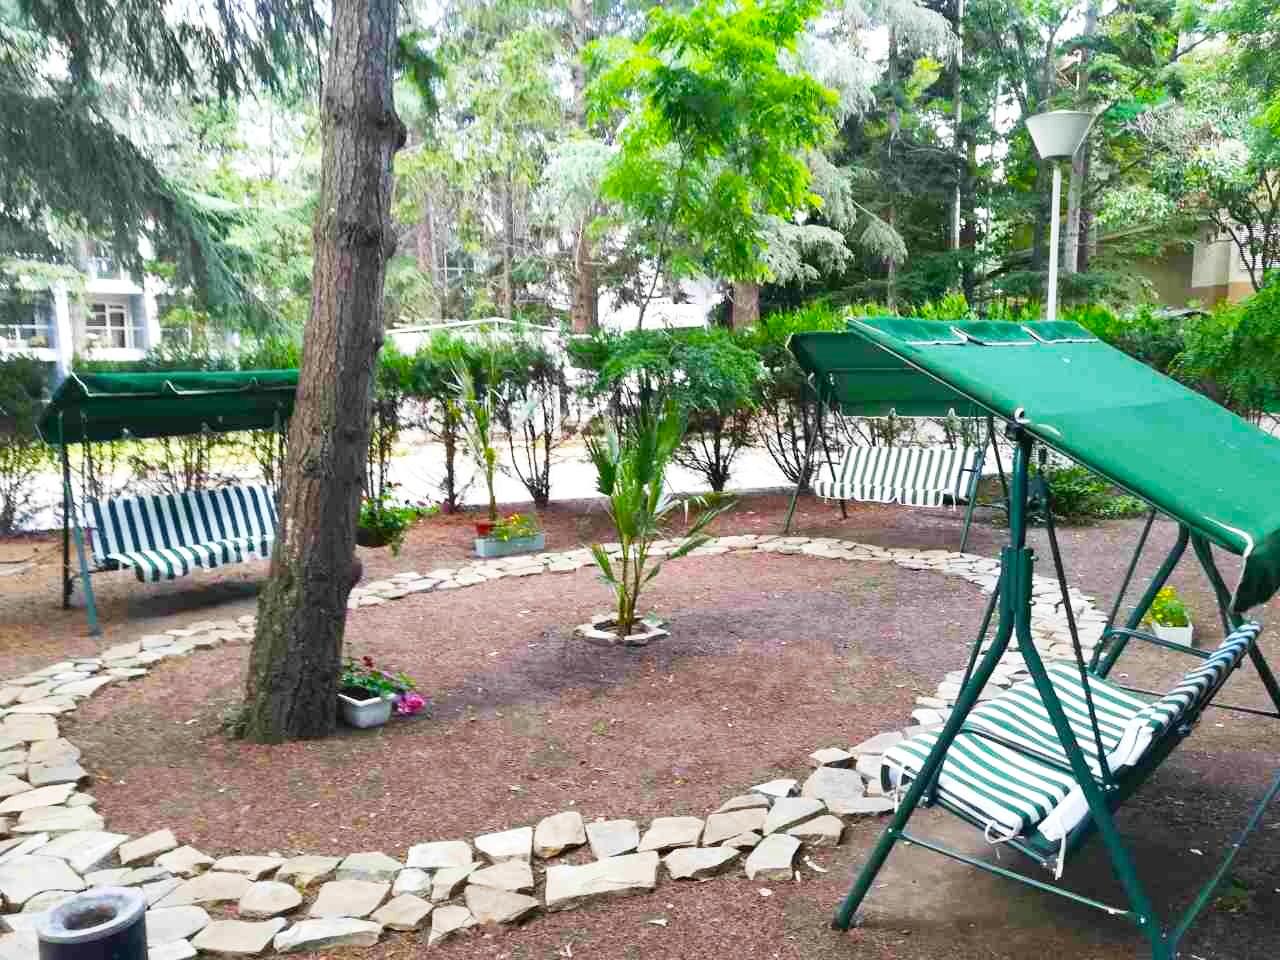 Великден и Гергьовден в Златни Пясъци на ШОК ЦЕНА. All Inclusive само за 24 лв. в хотел Диана. Дете до 12 г. БЕЗПЛАТНО!!!, снимка 8